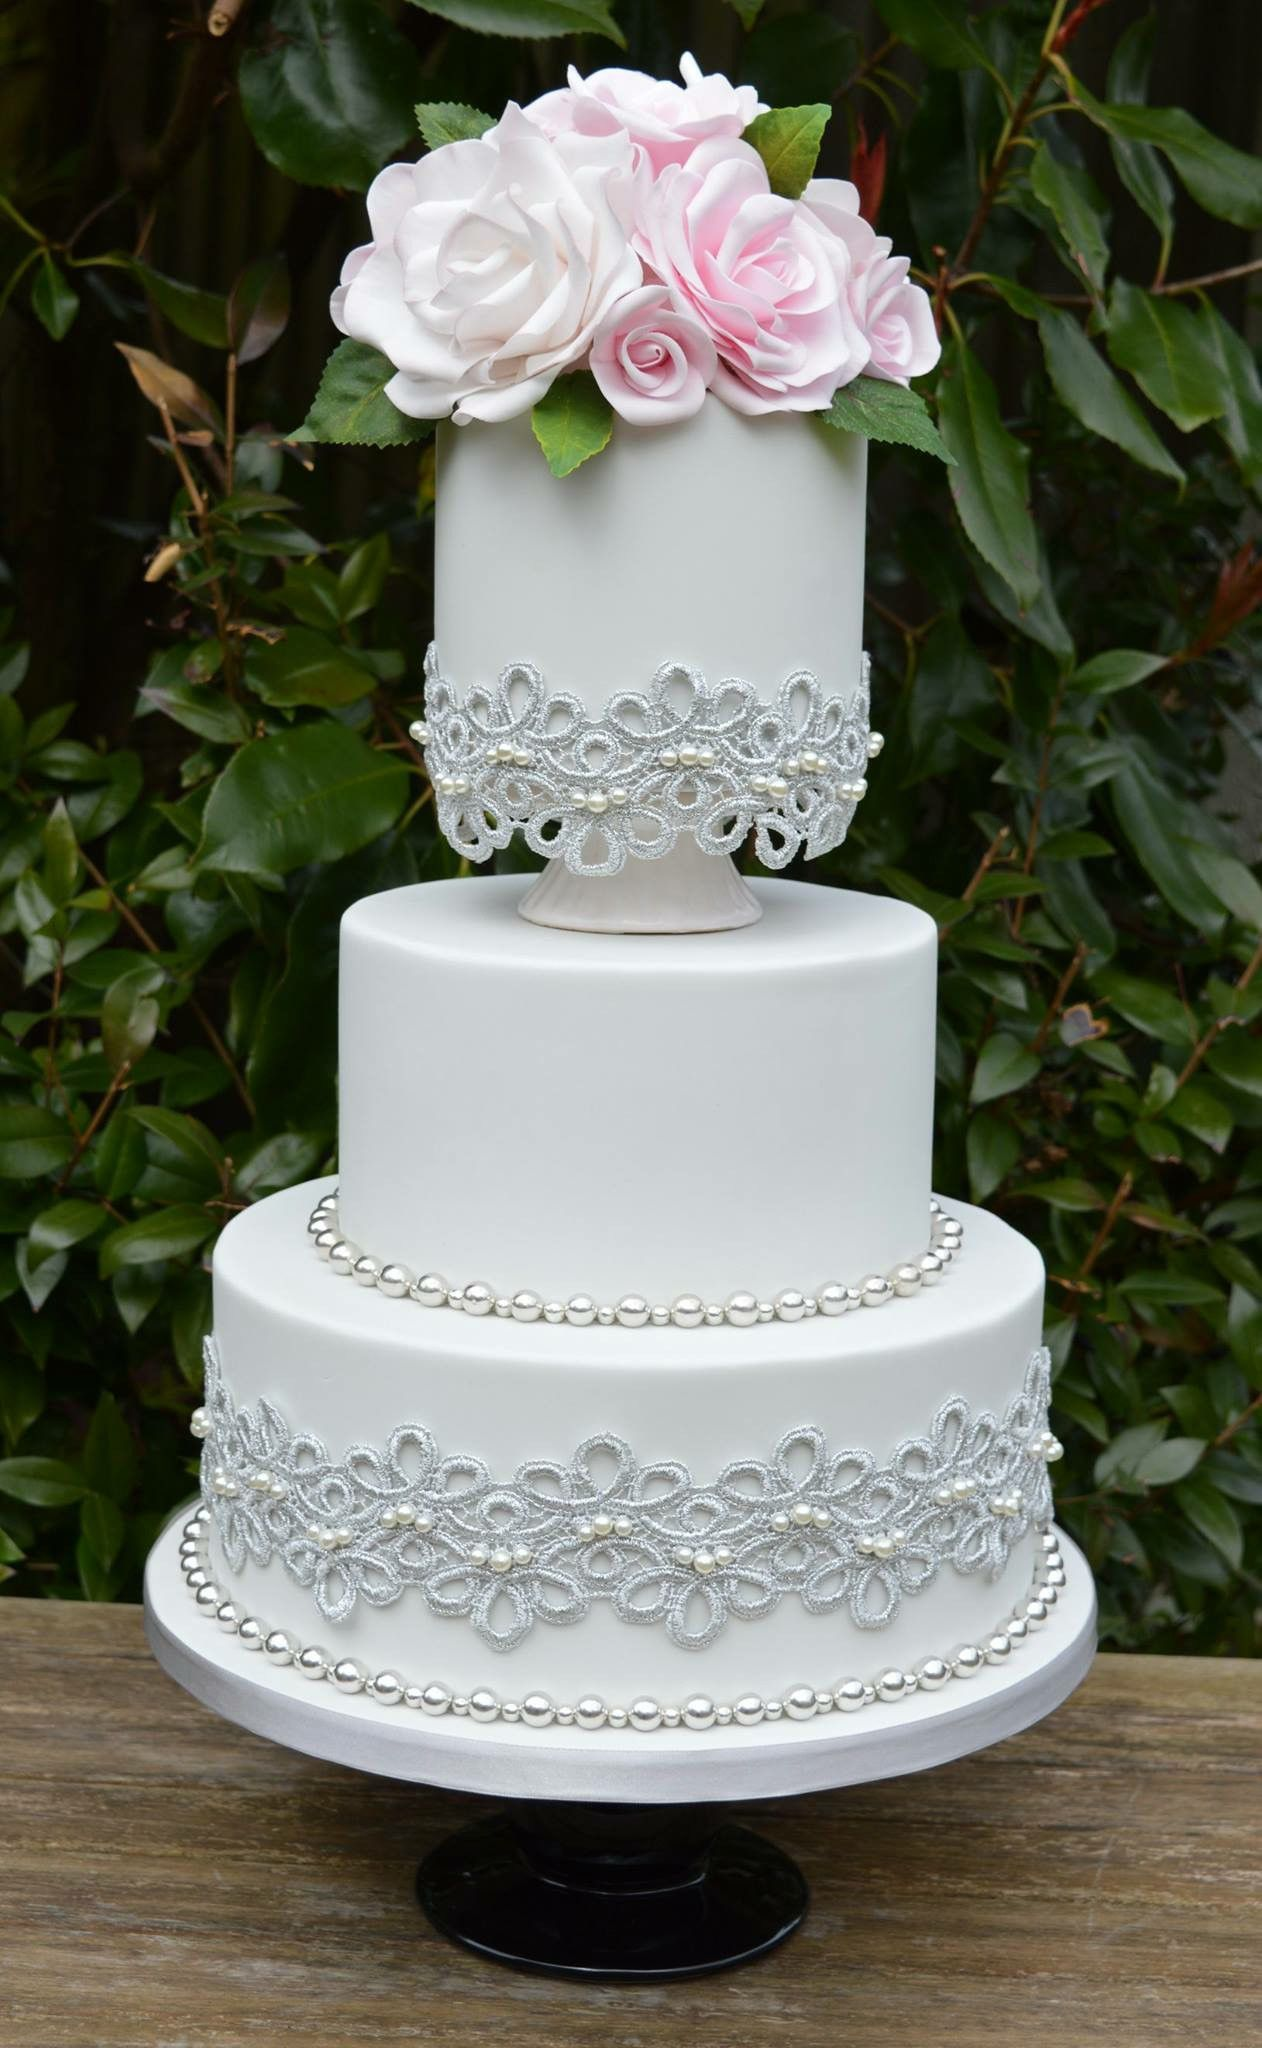 Wedding cake cake photosideas pinterest wedding cake cake